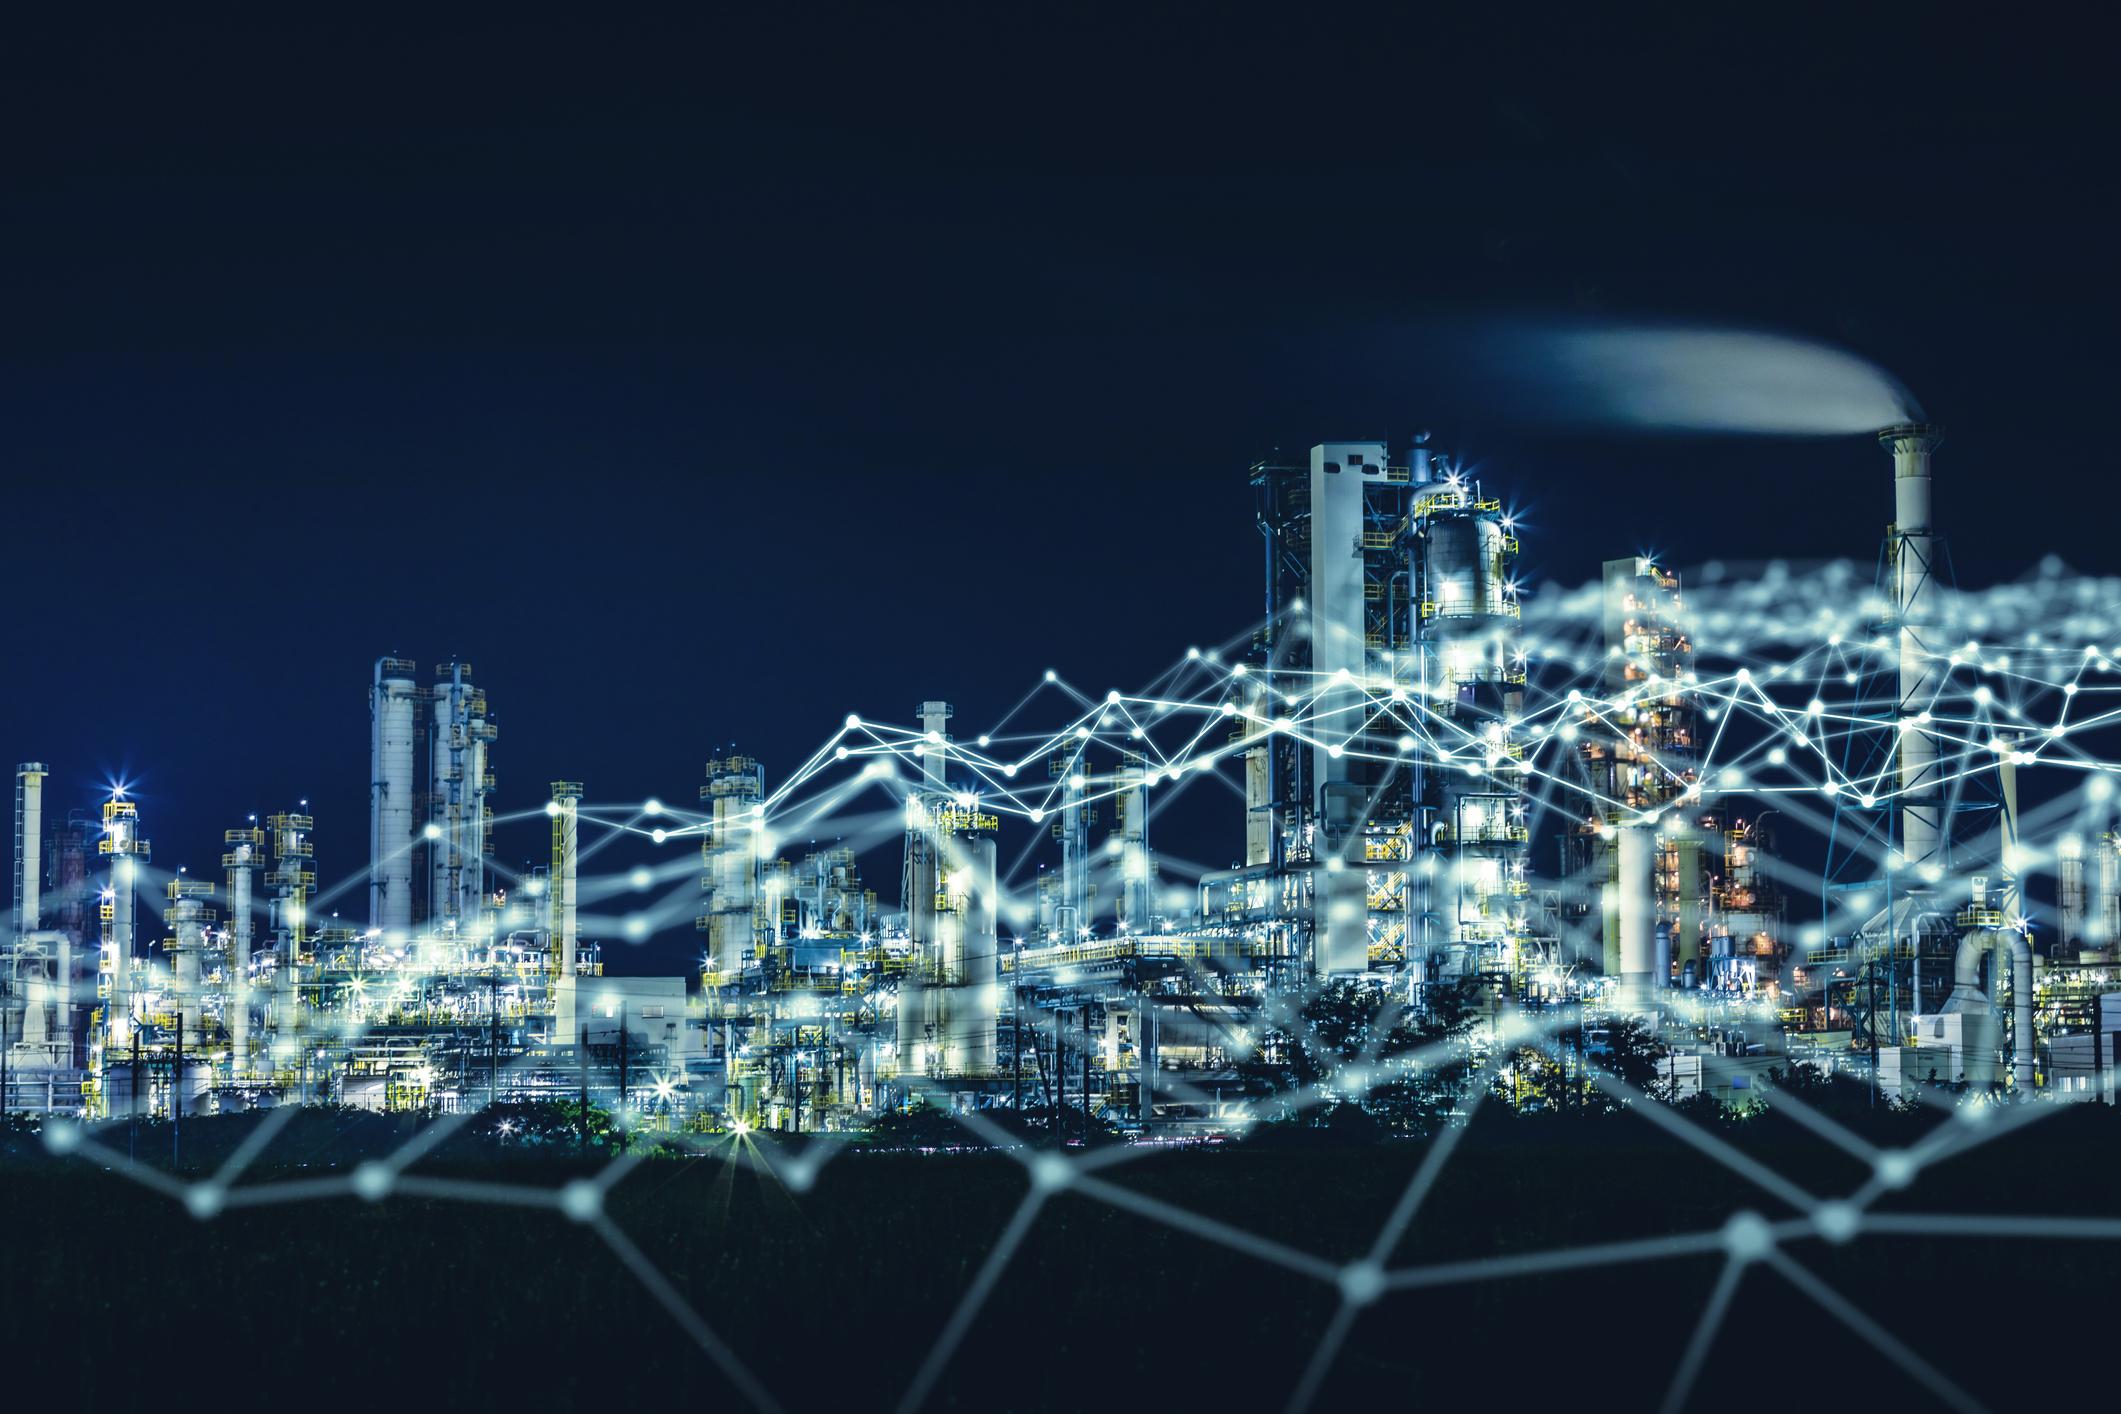 industrie-energie-esn-lille-ssii-grenoble-paris-lyon-nantes-bordeaux-hardis-group